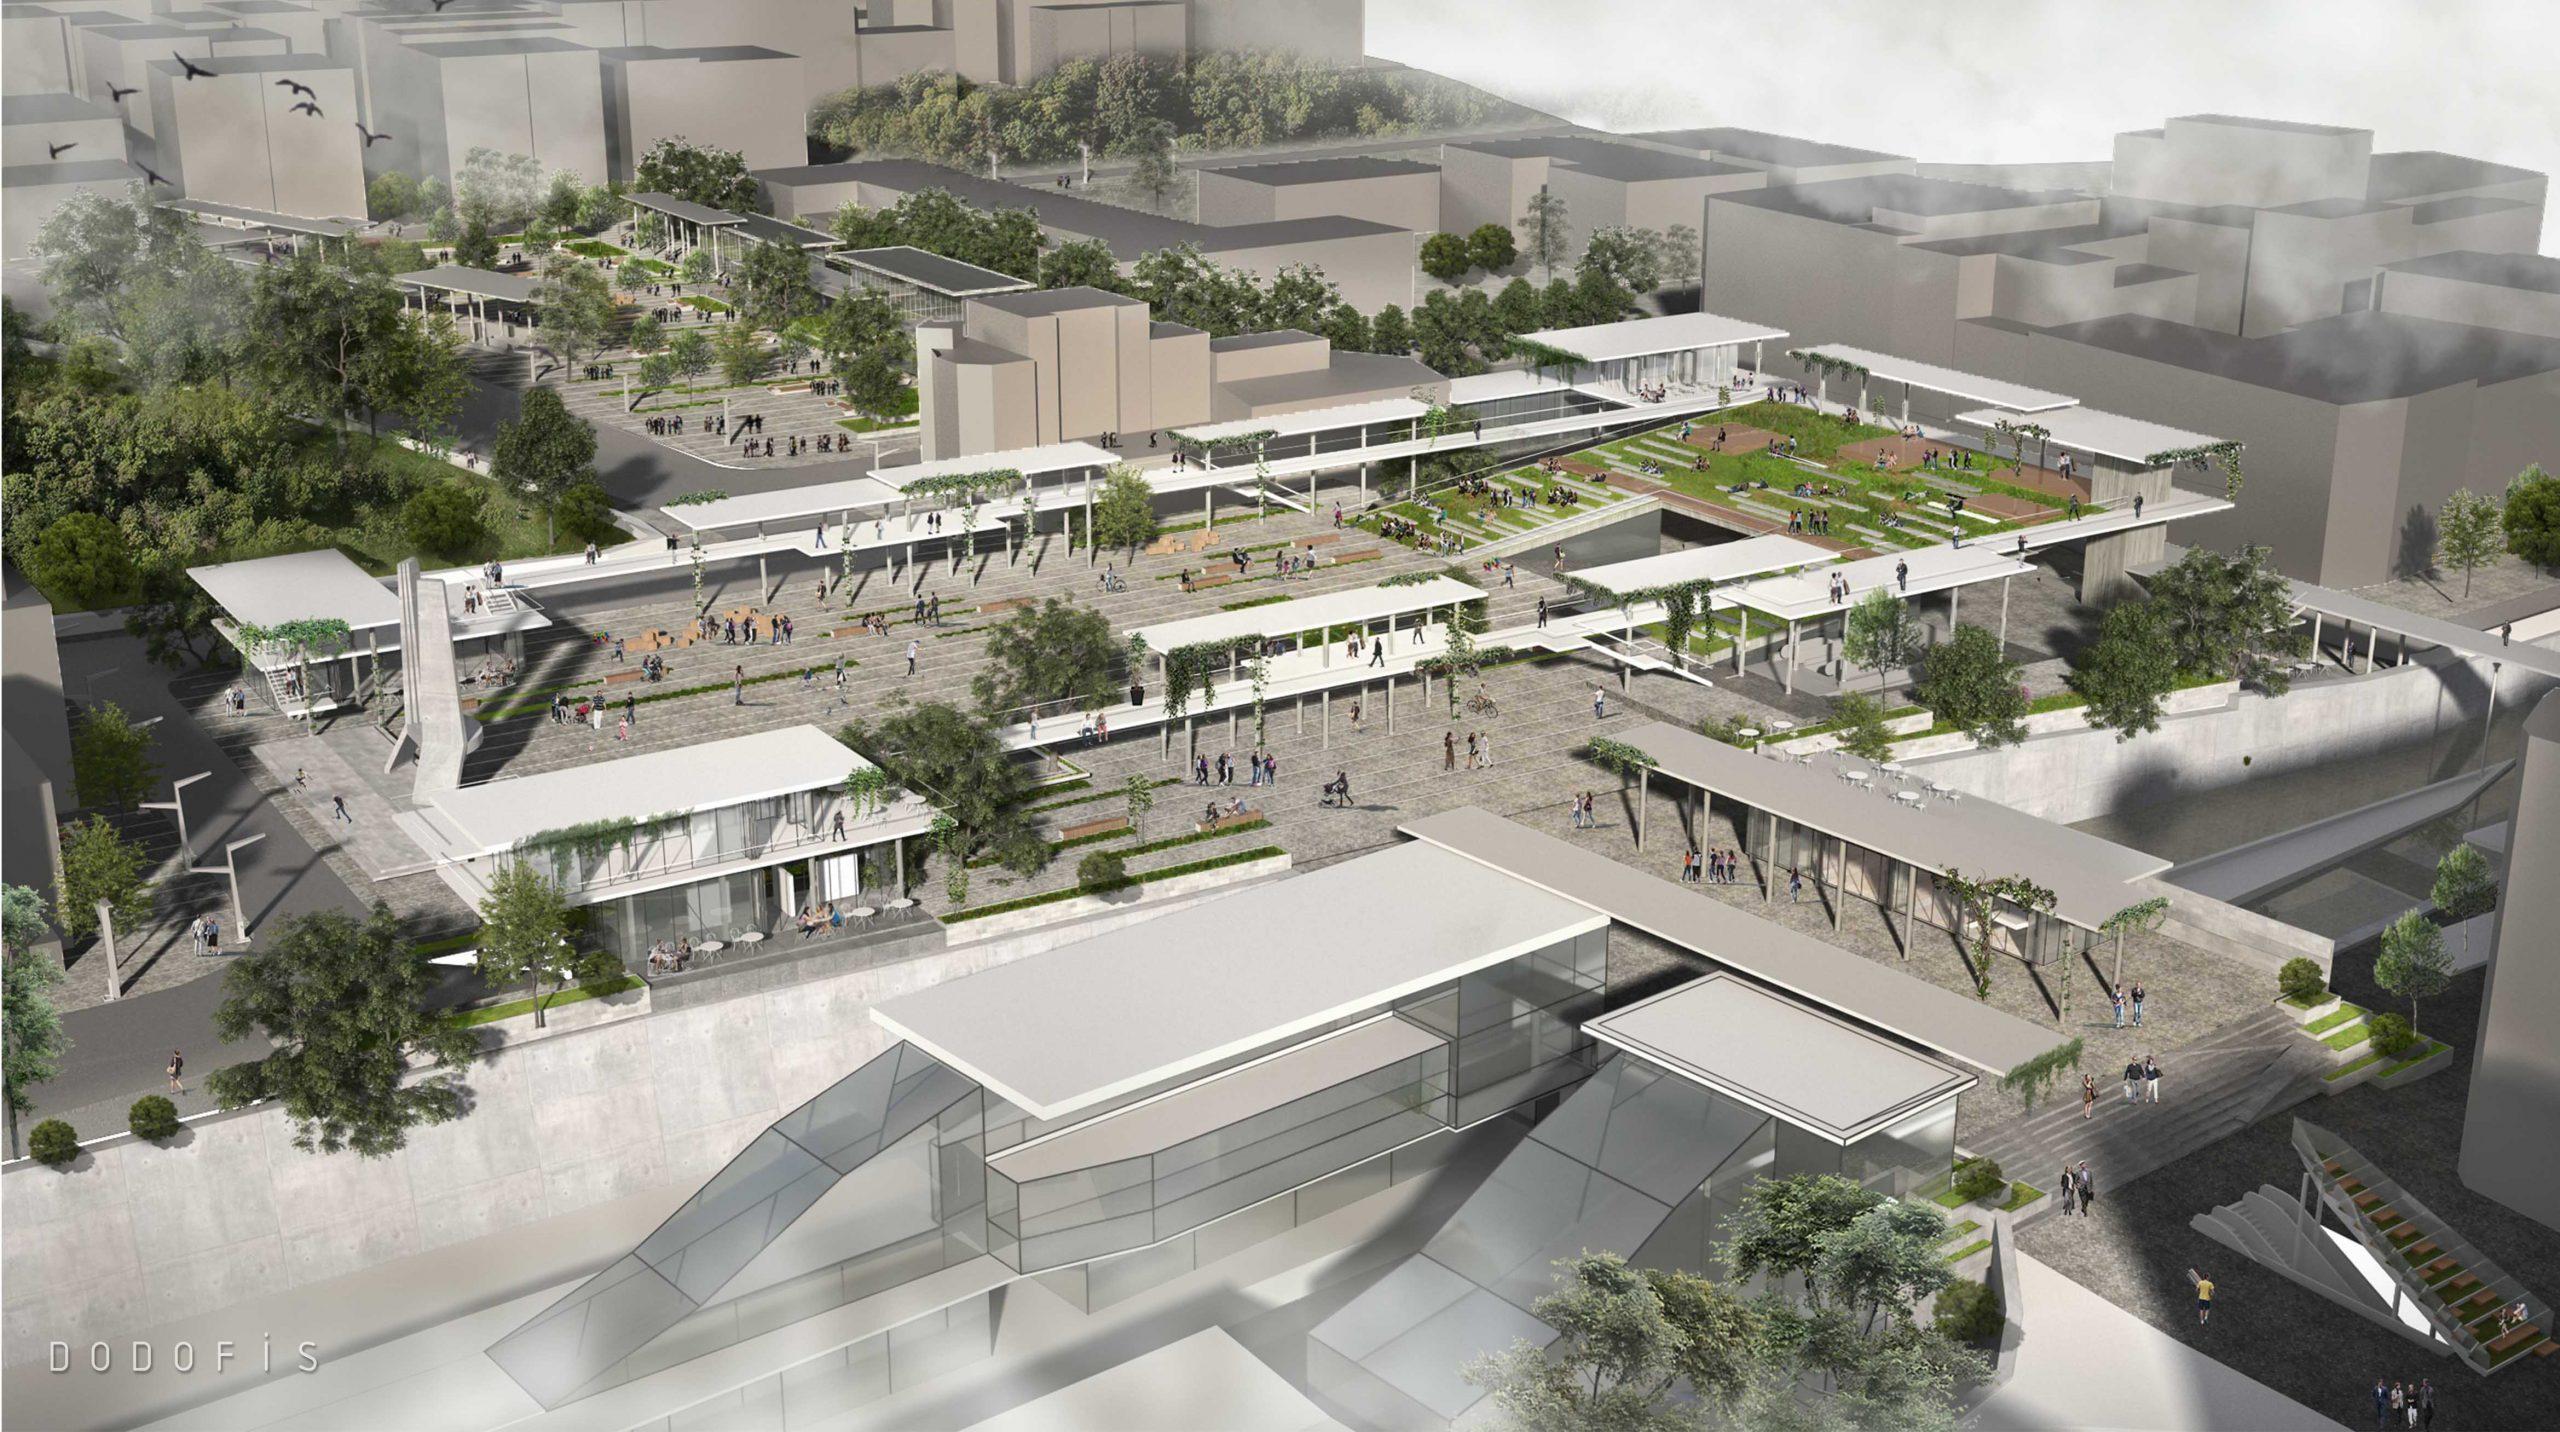 Bakırkoy republic square urban design competiton